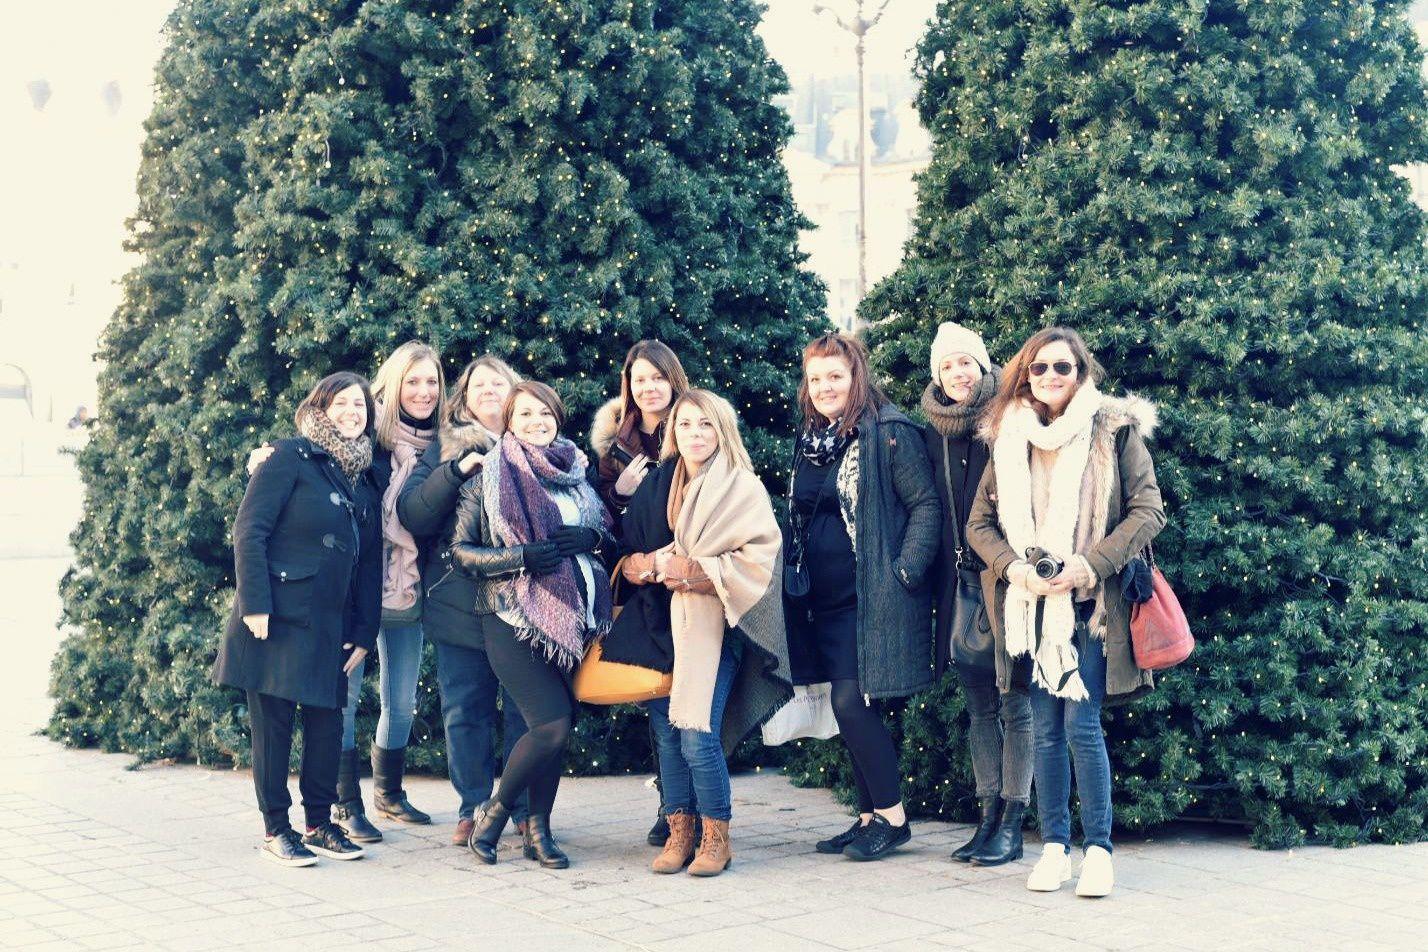 Paris en touristes: l'opéra, la Place Vendôme, la Rue Cambon... le come-back de Dalida à l'Olympia...